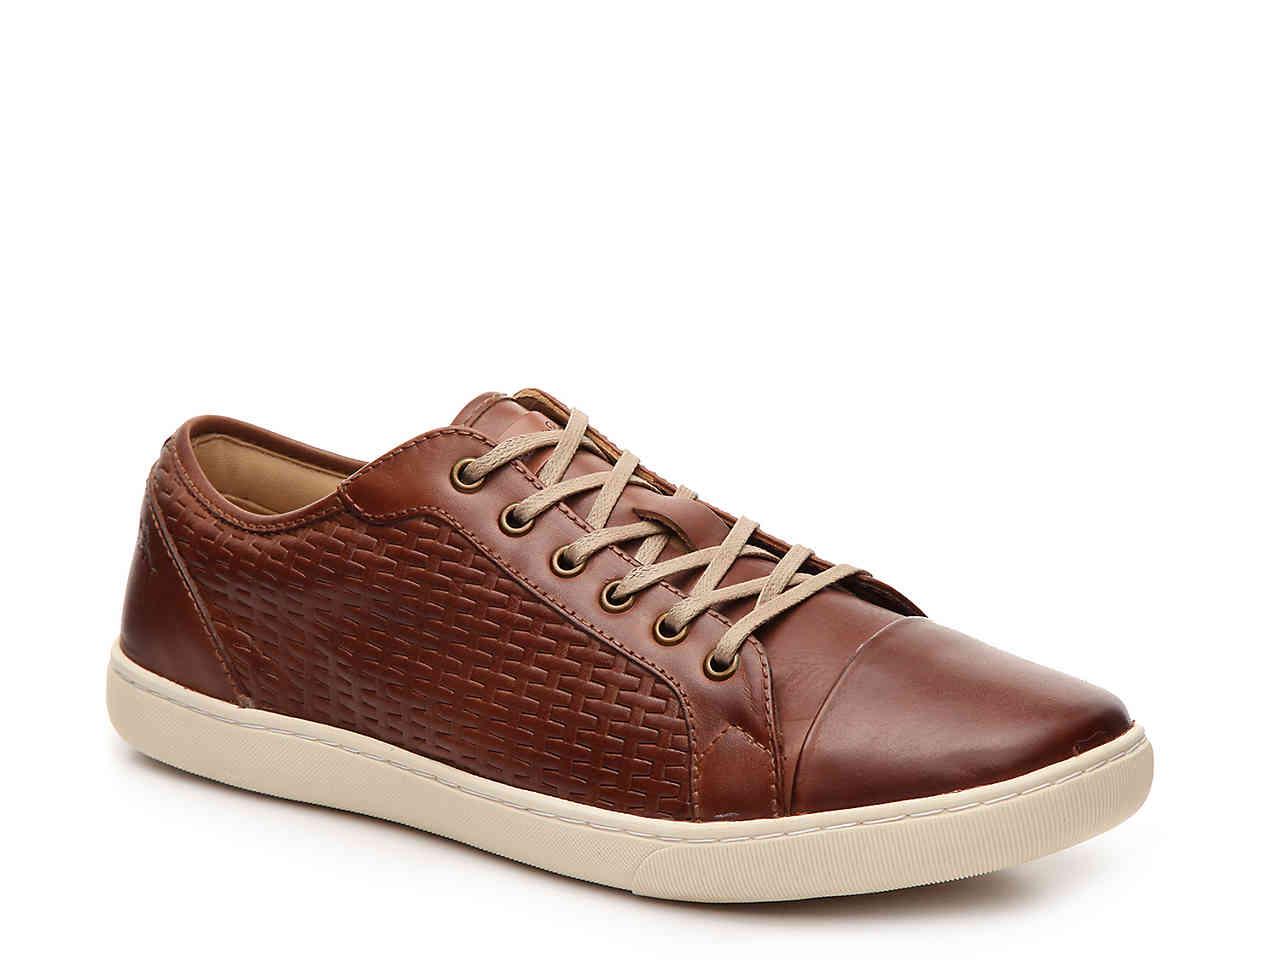 Tommy Bahama Mens Garrett Woven Captoe Sneaker (Tan, 14) by